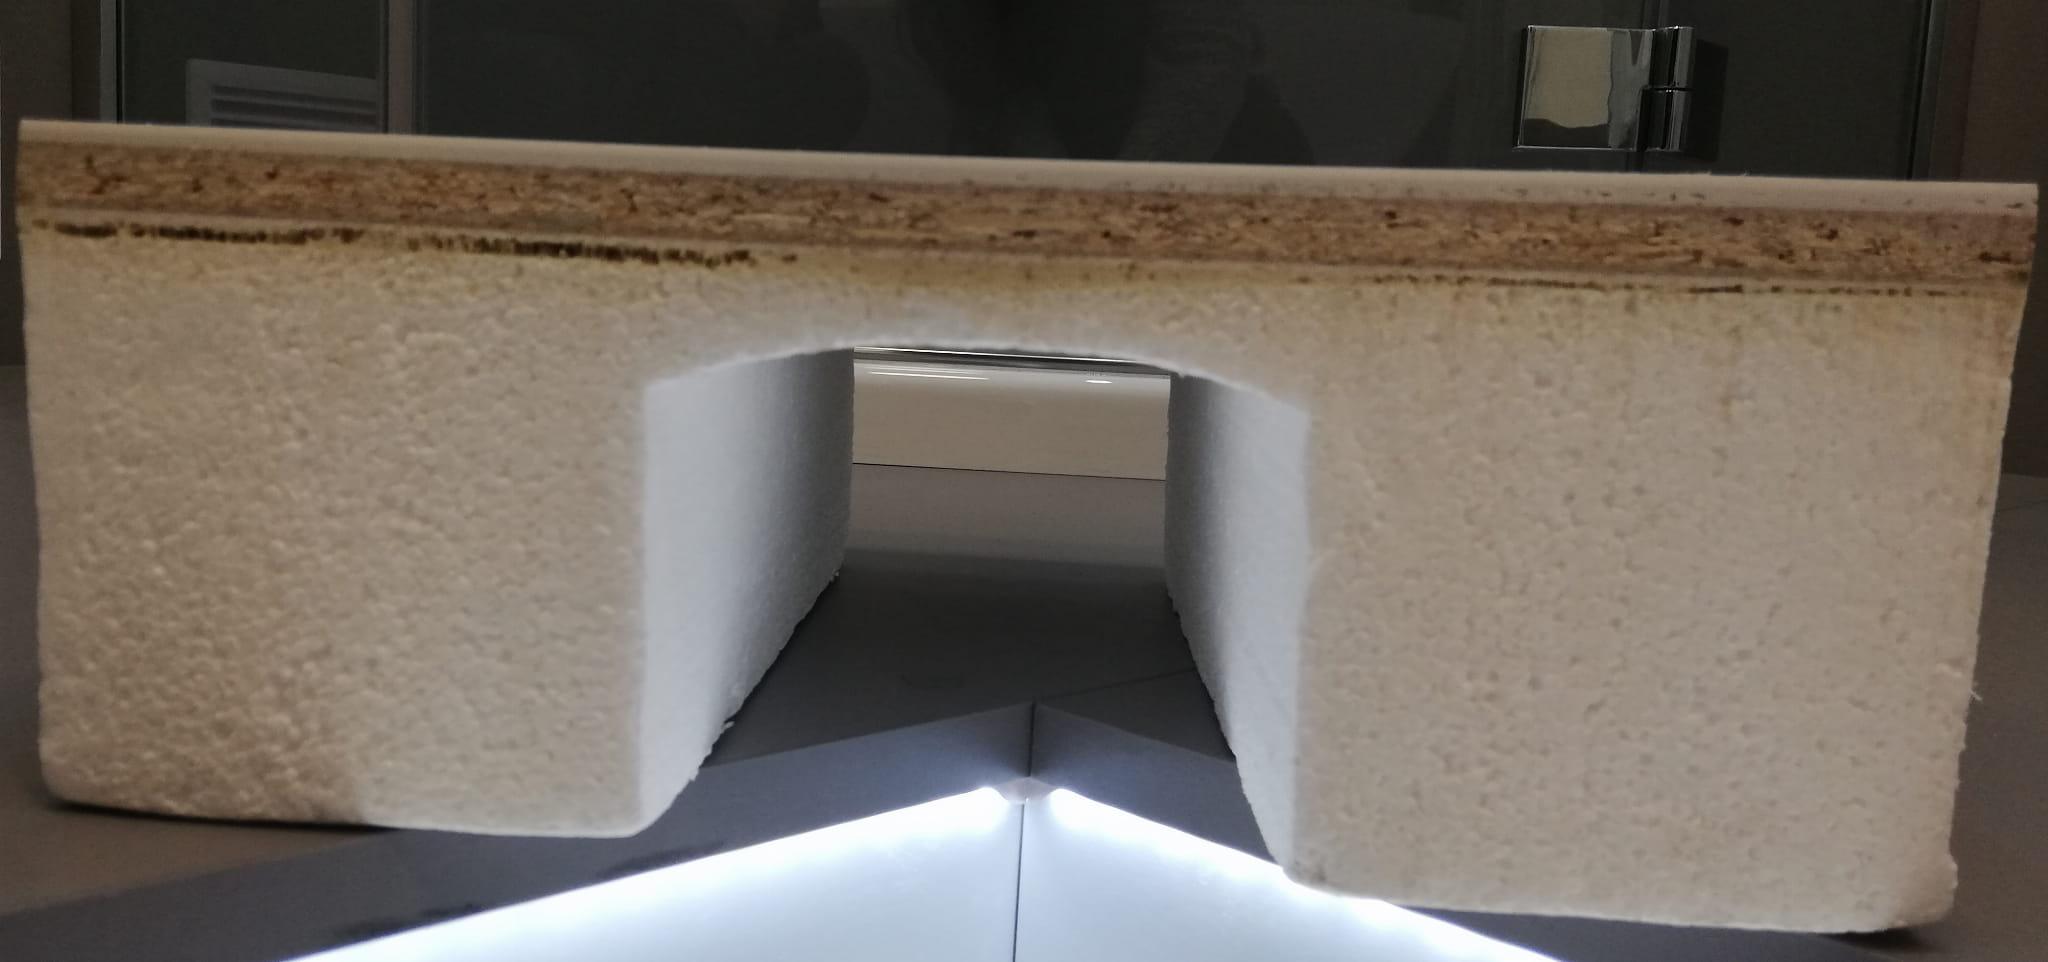 RADAWAY brodzik akrylowy na podstawie styropianowej Naxos A 80 do obudowania płytkami  SBA8841-1